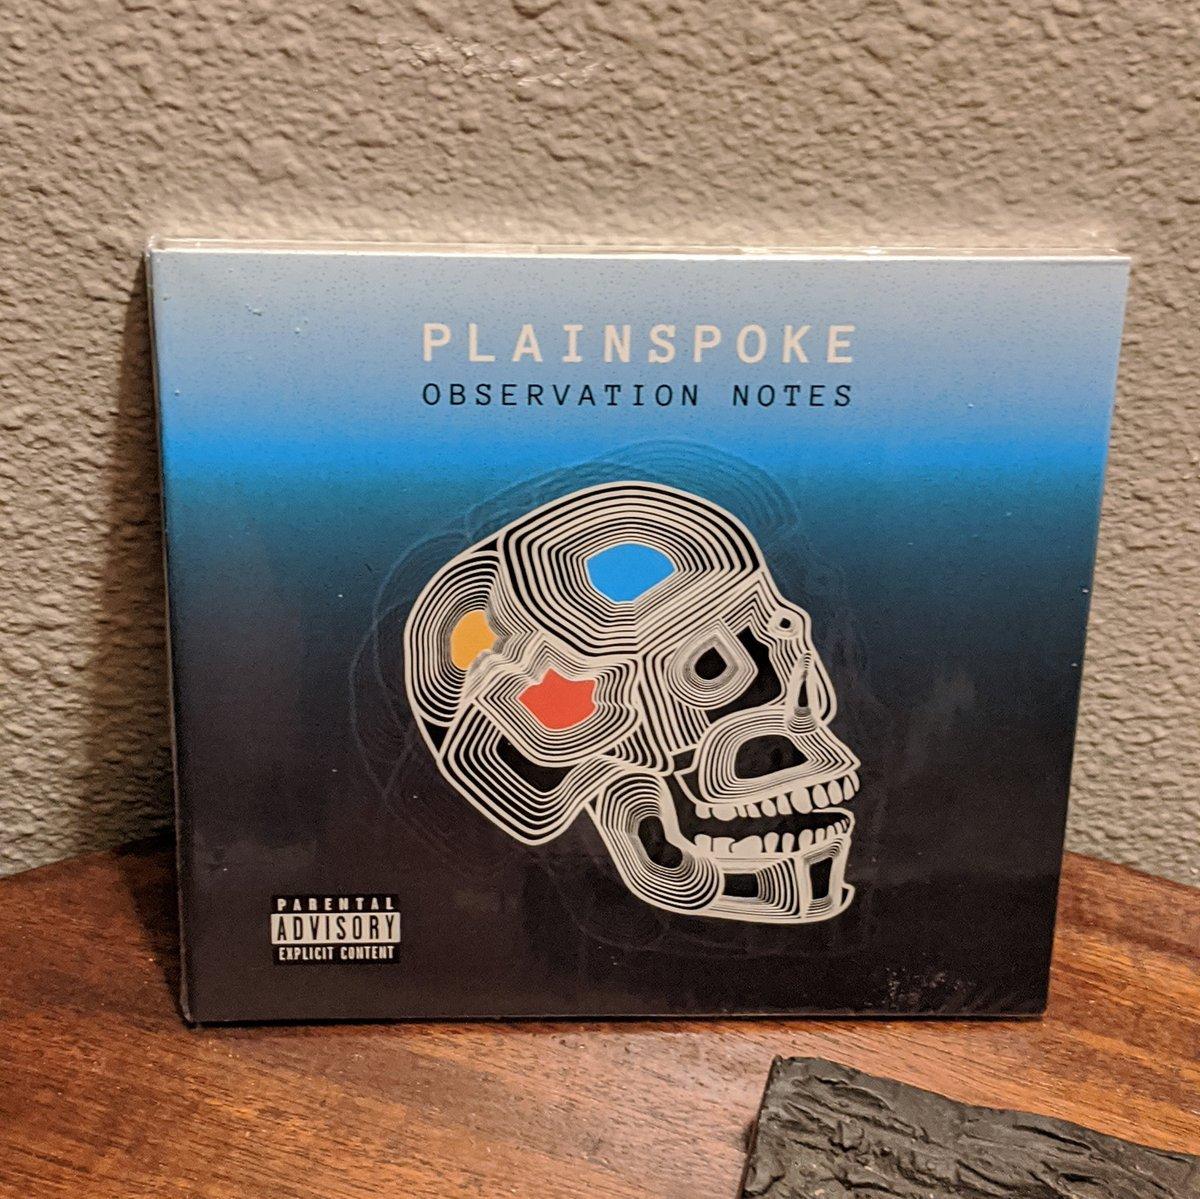 Observation Notes CD